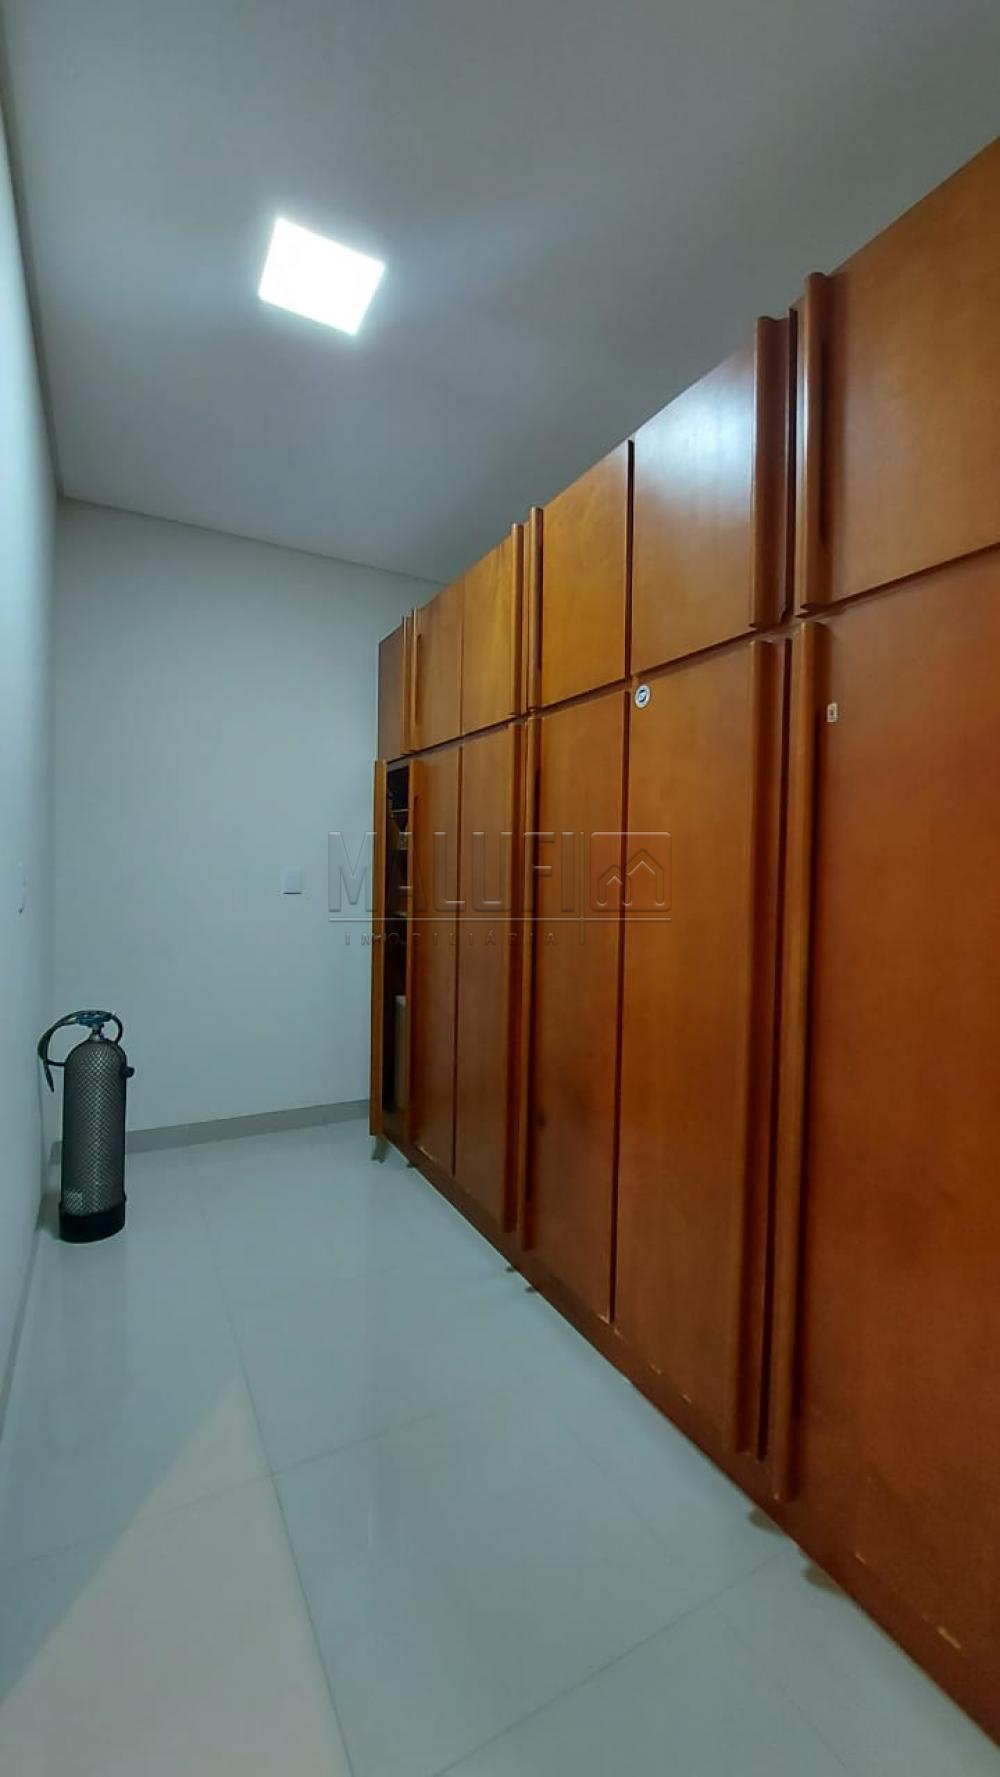 Comprar Casas / Padrão em Olímpia R$ 850.000,00 - Foto 30